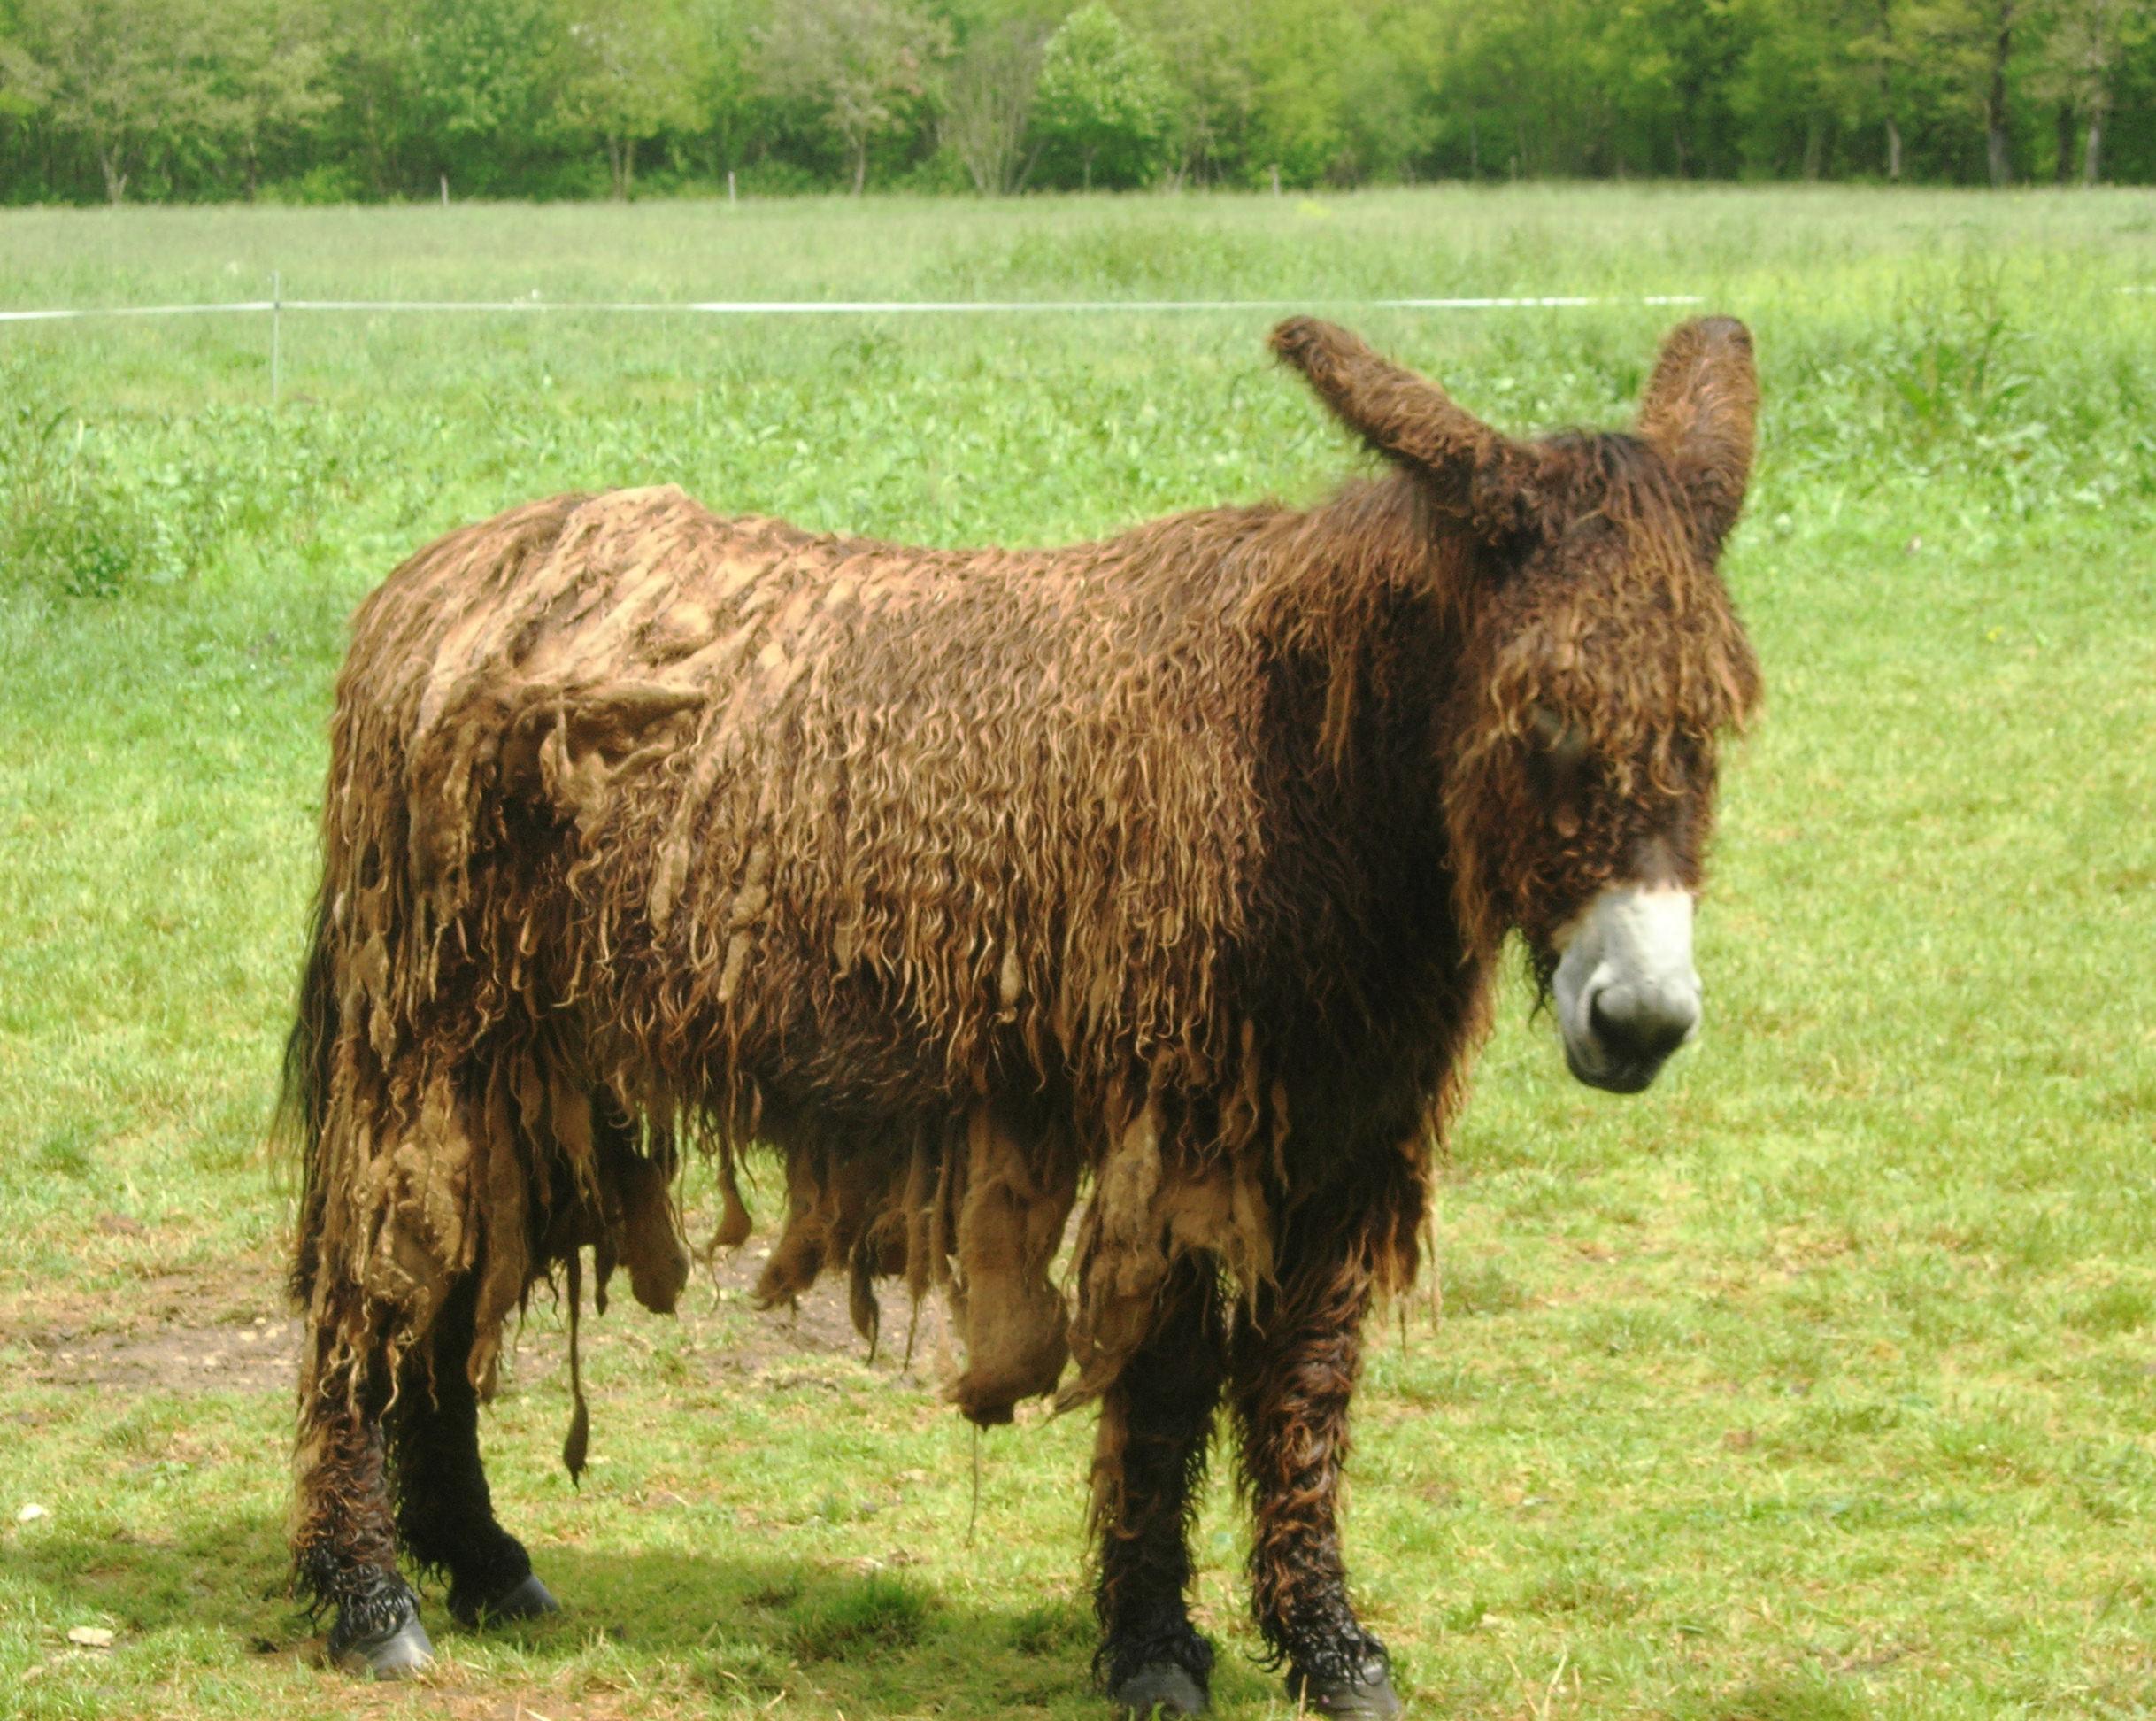 Poitou donkey - Wikipedia